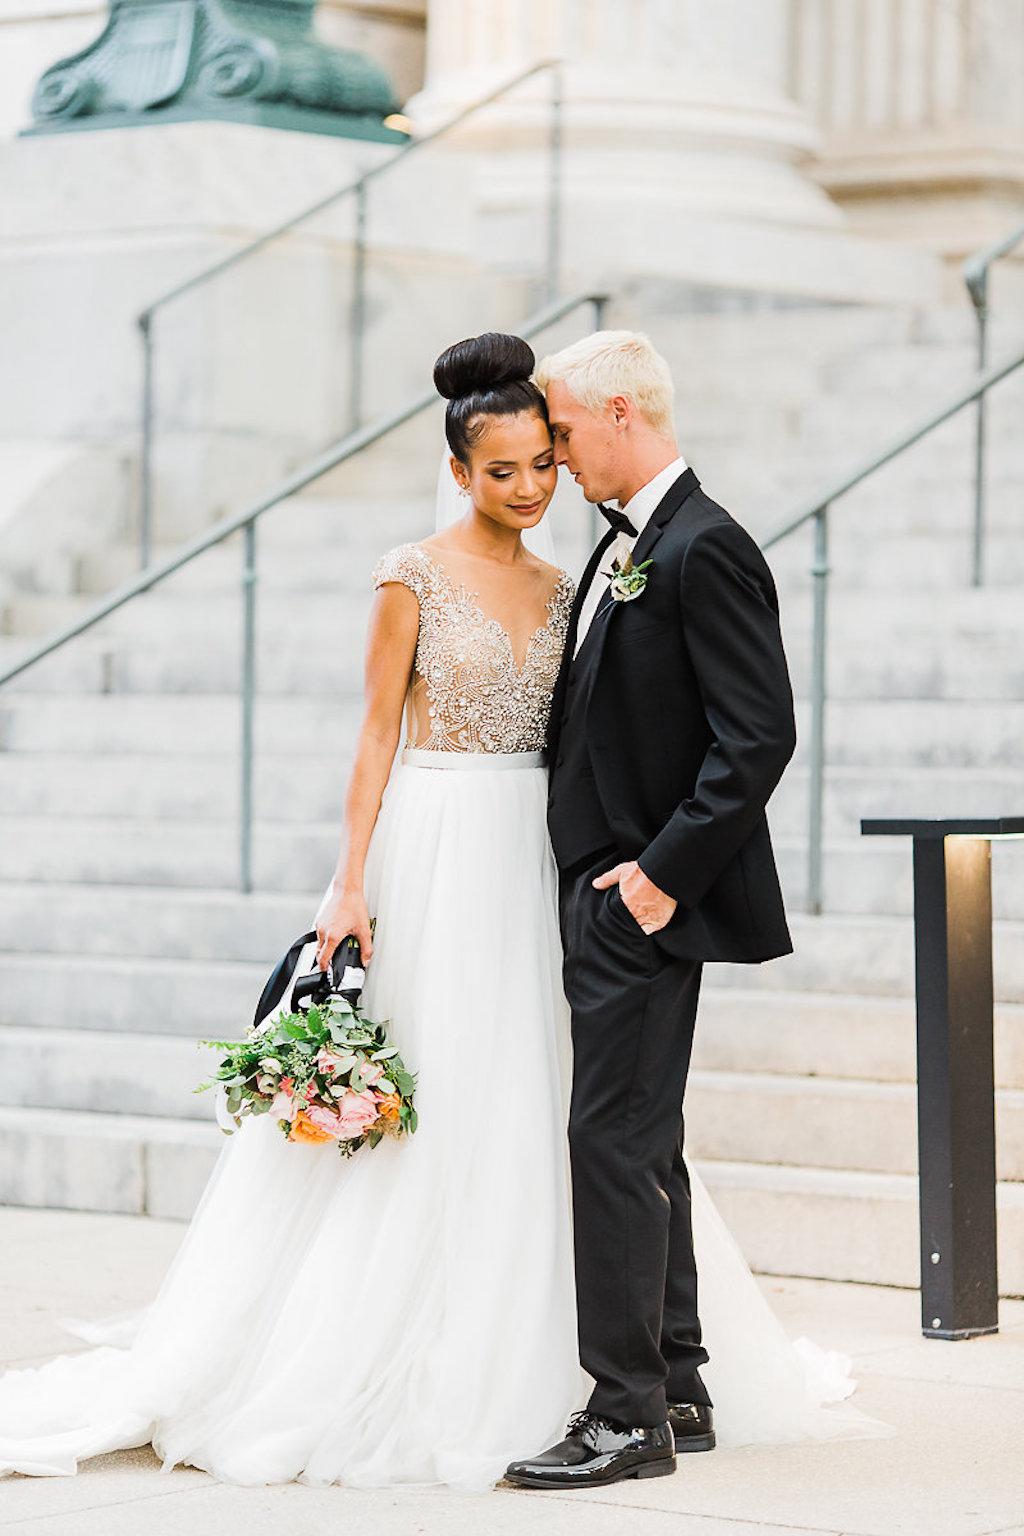 Outdoor Wedding Portrait Bride In Ballgown Wedding Dress With